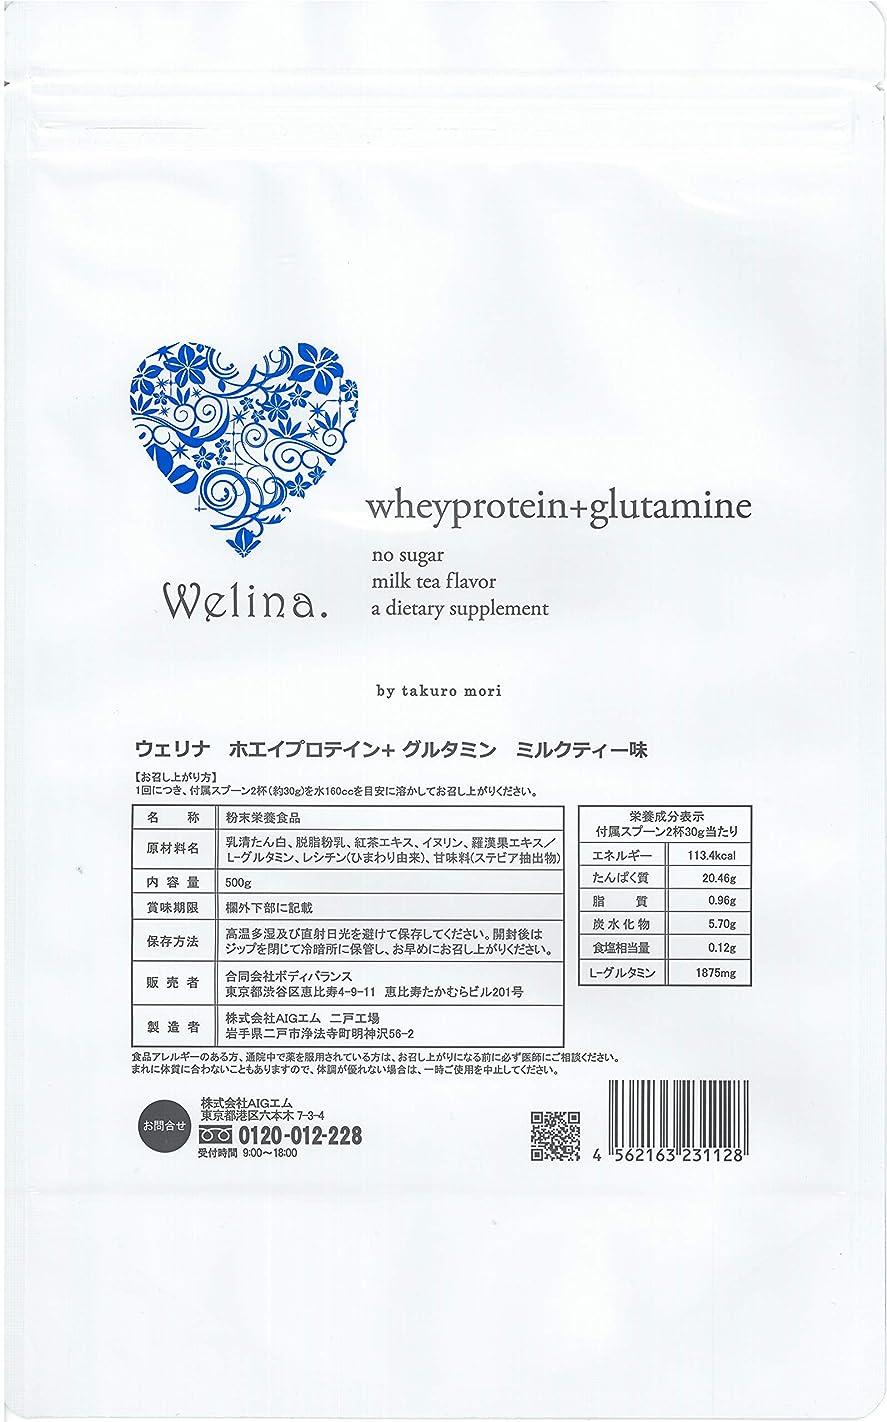 植木サラダ覆すウェリナ ホエイプロテイン+グルタミン ミルクティー味 500g